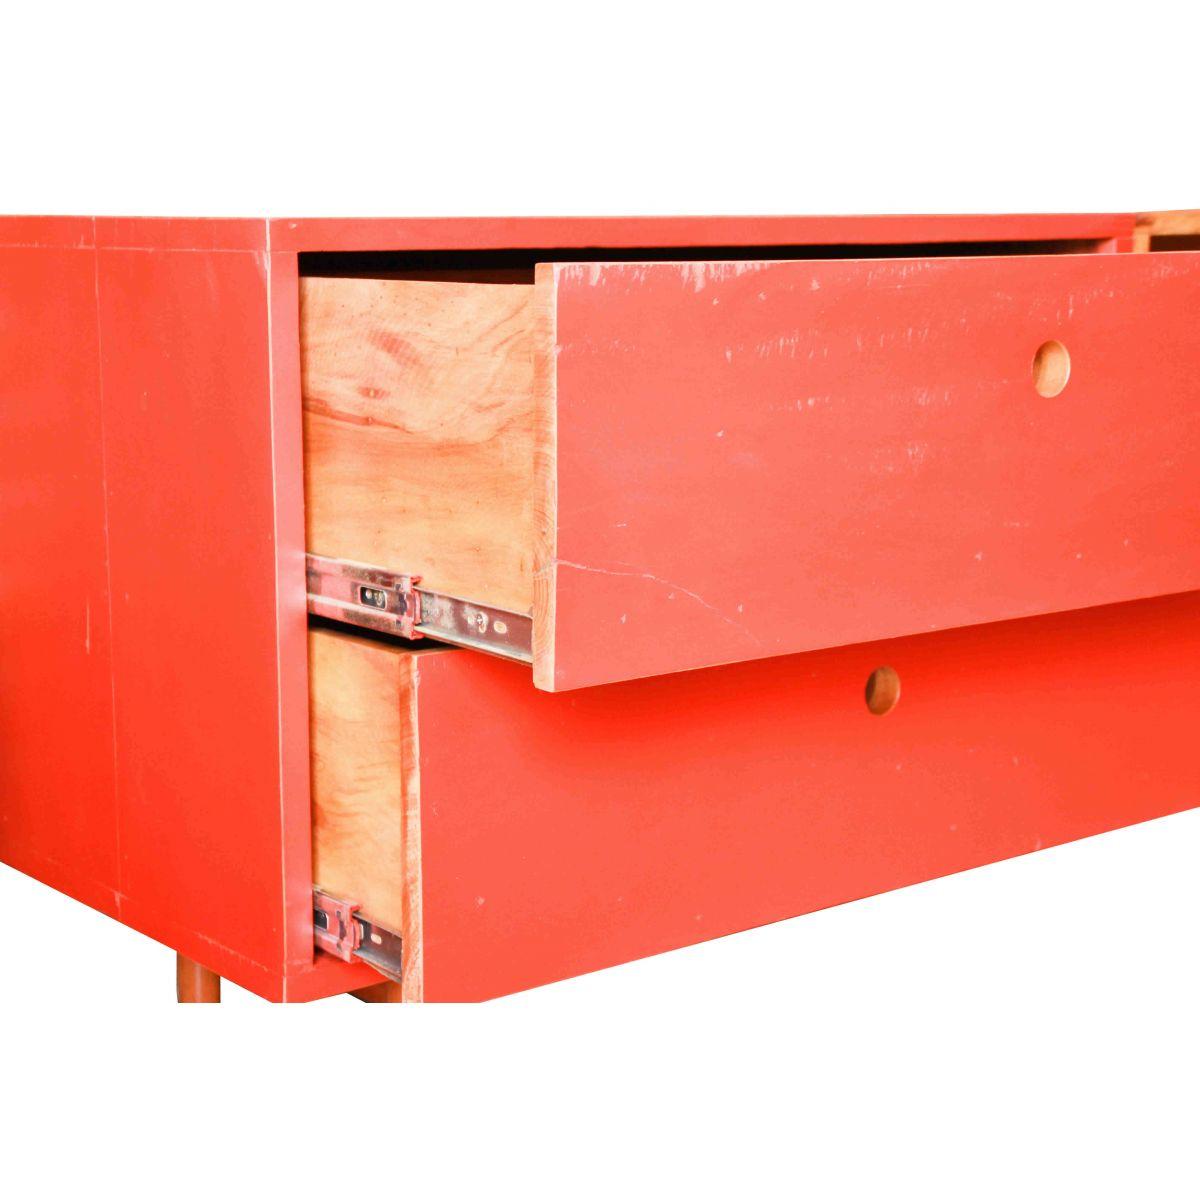 Rack Vermelho Em Madeira Maciça De Demolição Medindo 1,40x40x60